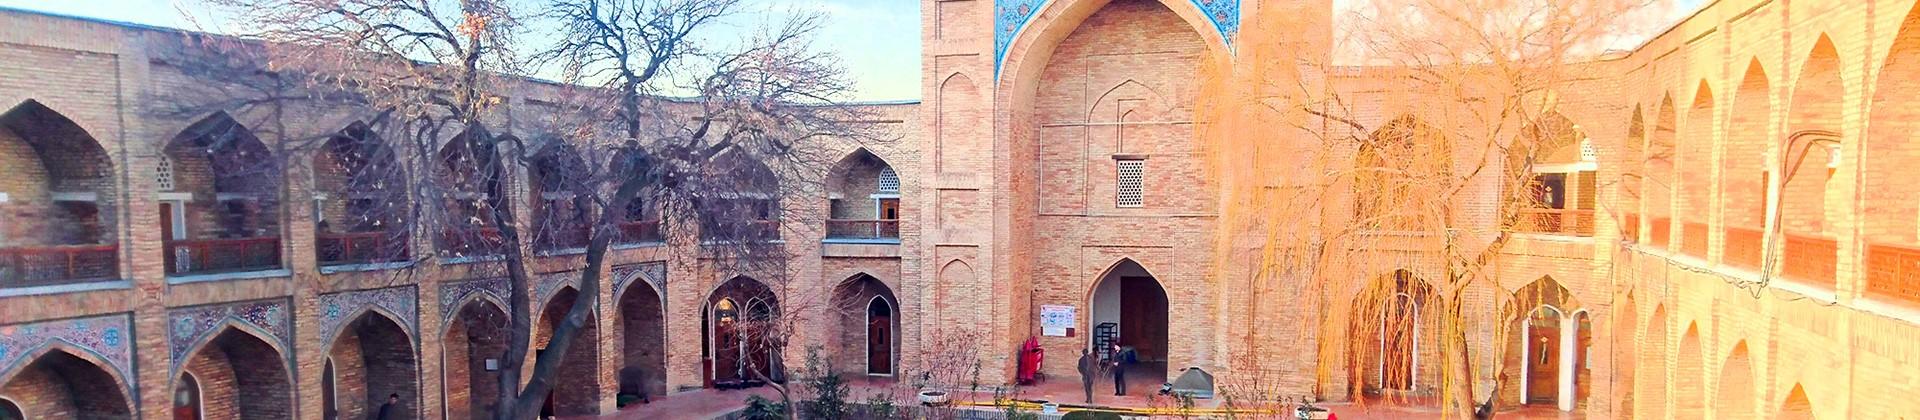 Kukeldash Madrasah - 1